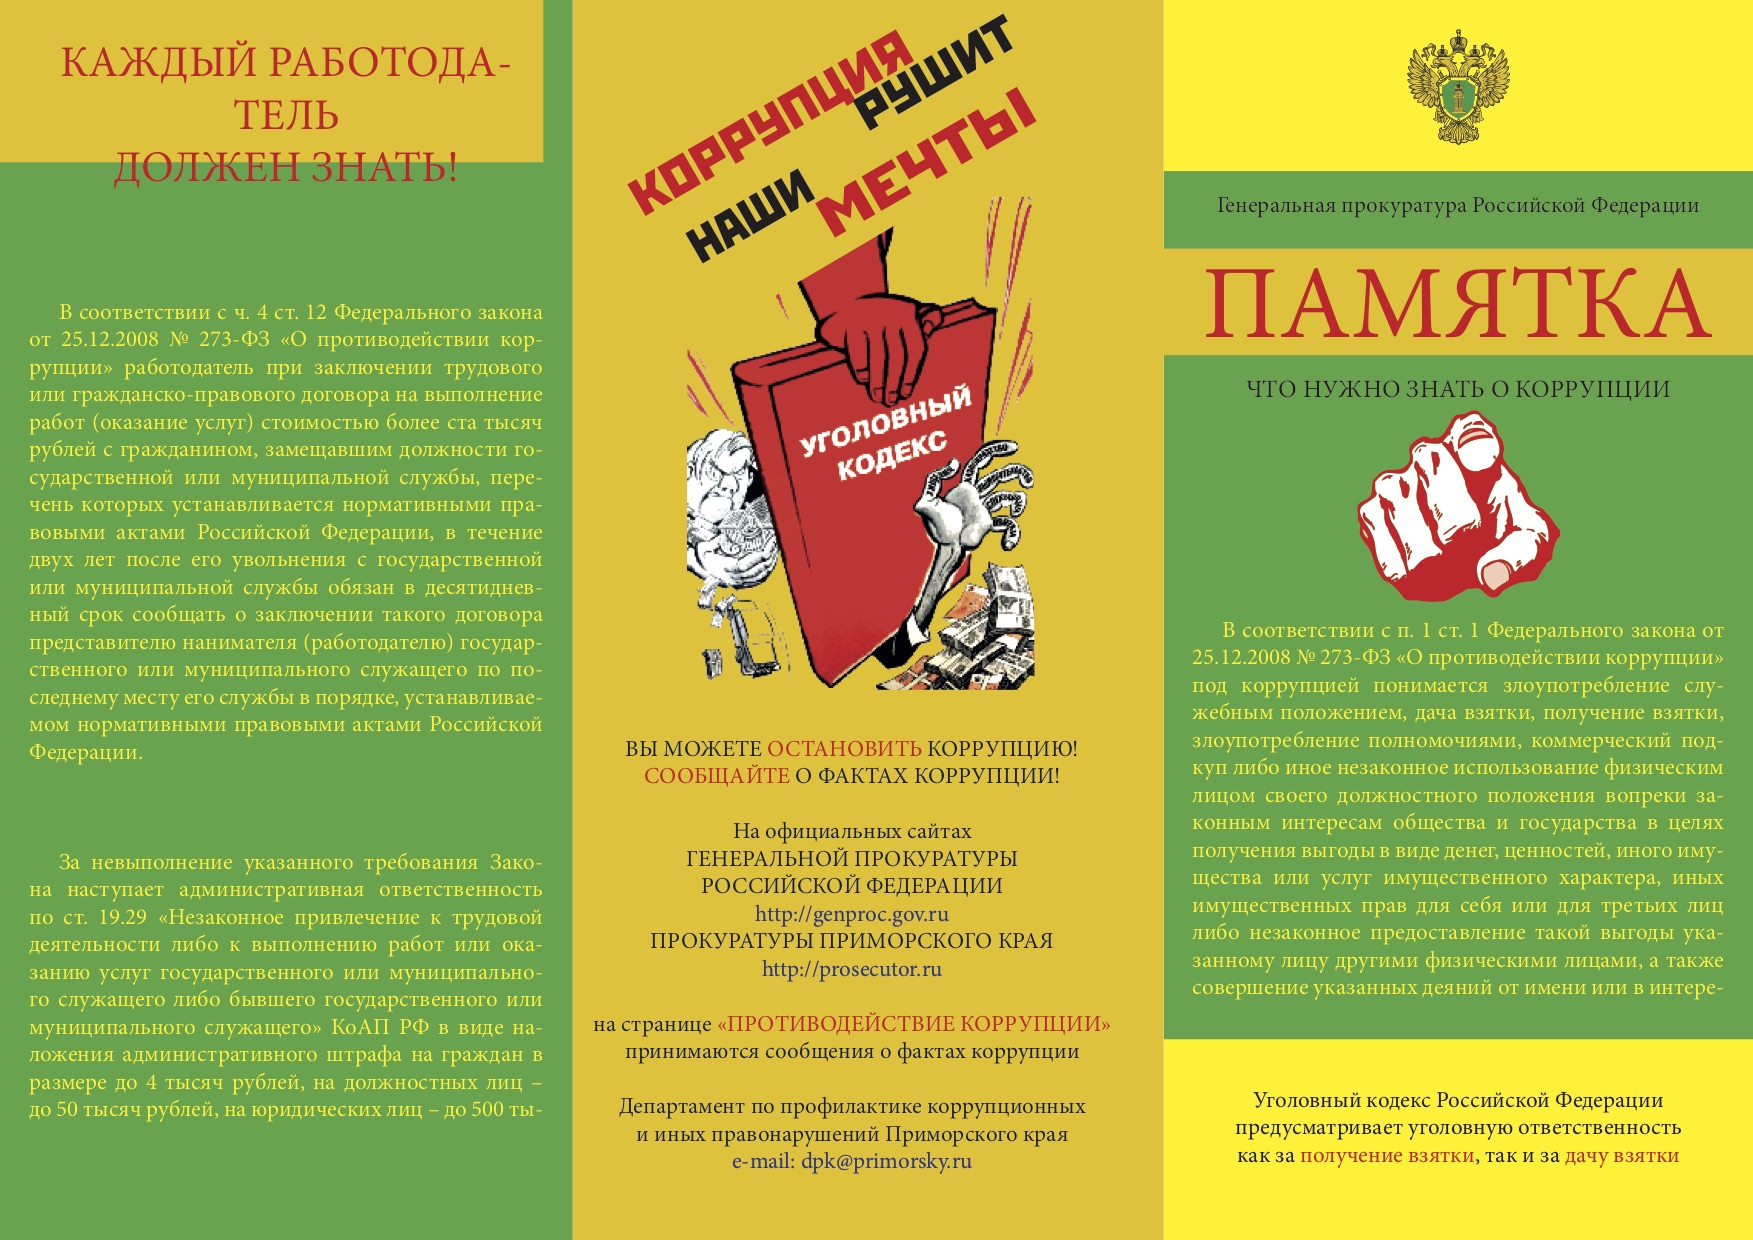 Pamyatki-po-korrupcii2